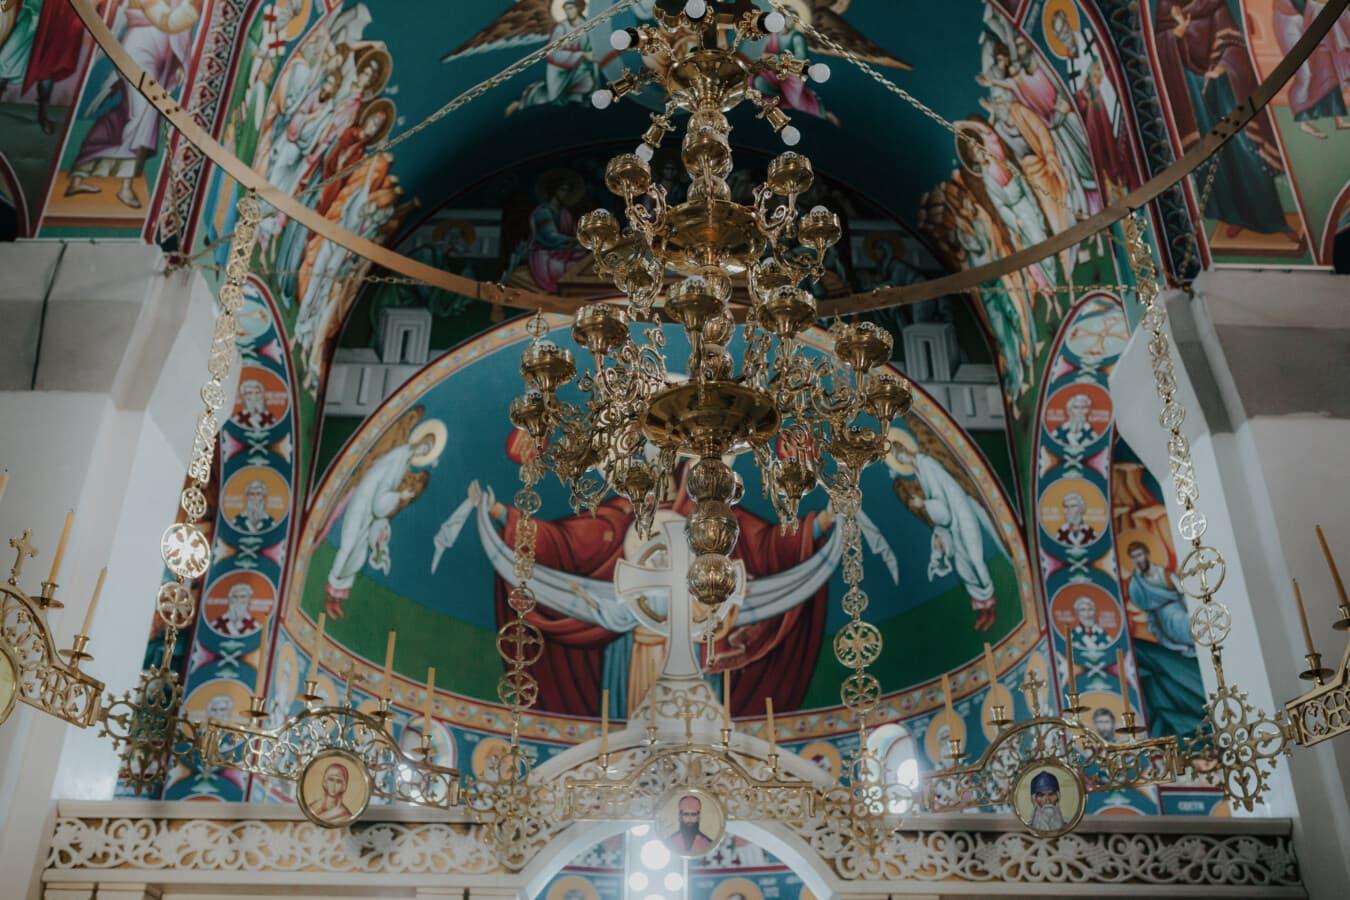 lustre, lueur dorée, or, autel, orthodoxe, au plafond, église, peinture murale, art, religion